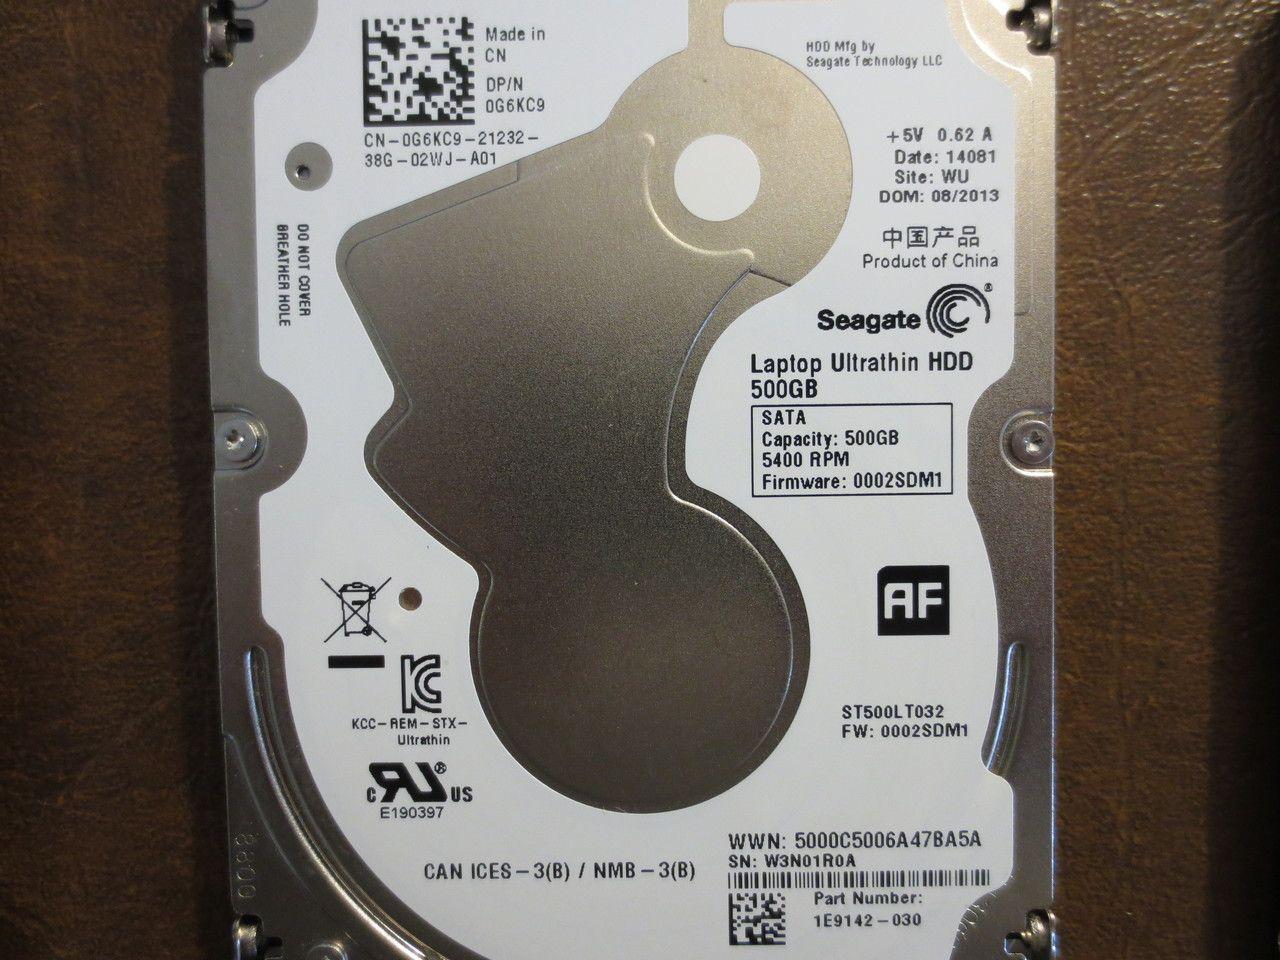 Seagate St500lt032 1e9142 030 Fw 0002sdm1 Wu 500gb Sata Seagate Computer Repair Hard Disk Drive